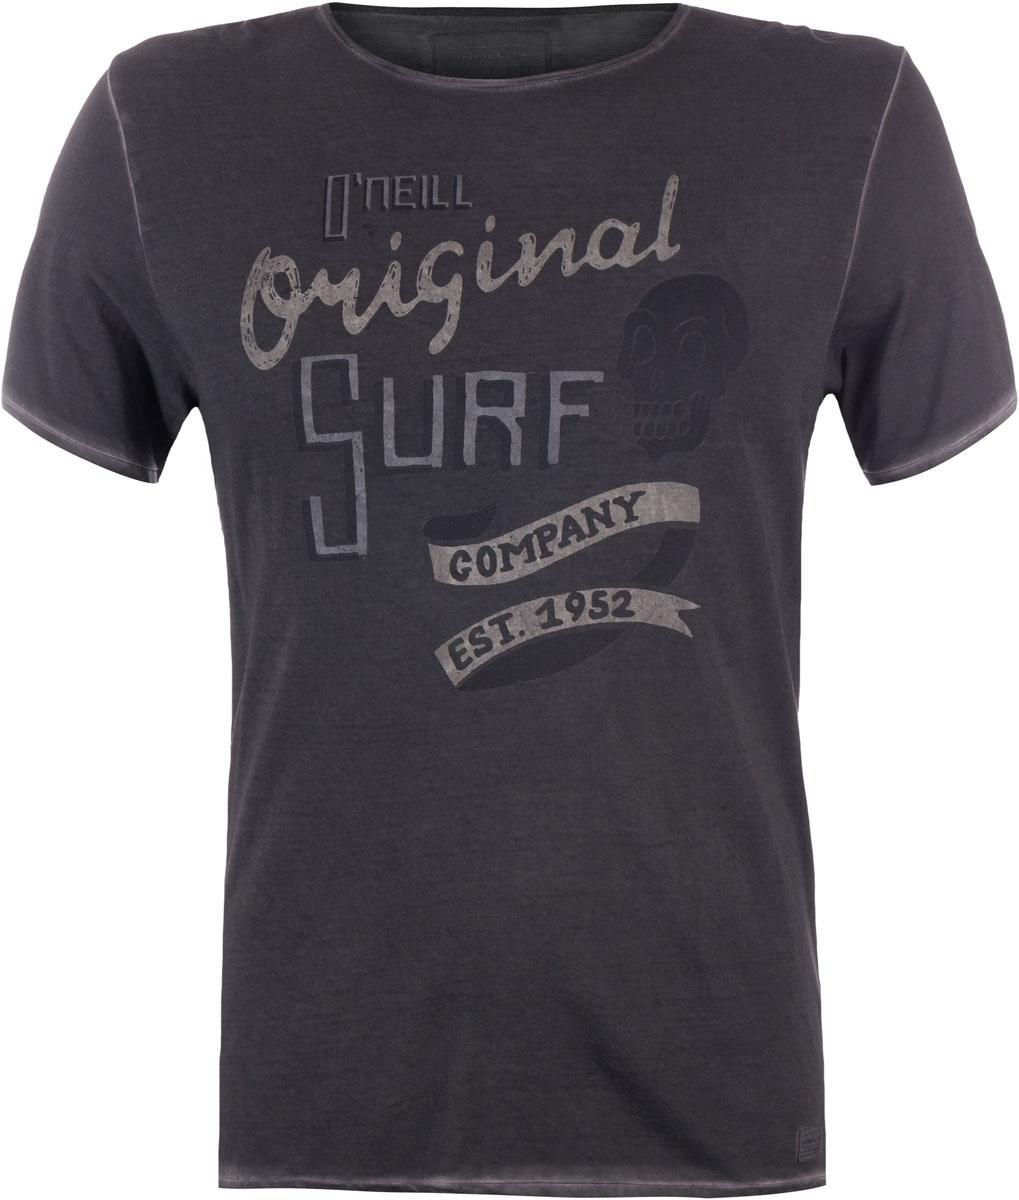 Футболка мужская ONeill Lm Washed Up T-Shirt, цвет: серый. 7A2328-8026. Размер M (48/50)7A2328-8026Футболка мужская ONeill выполнена из 100% хлопка. Модель имеет стандартный крой, короткий рукав и круглый вырез горловины. Футболка искусственно состарена и дополнена надписями.